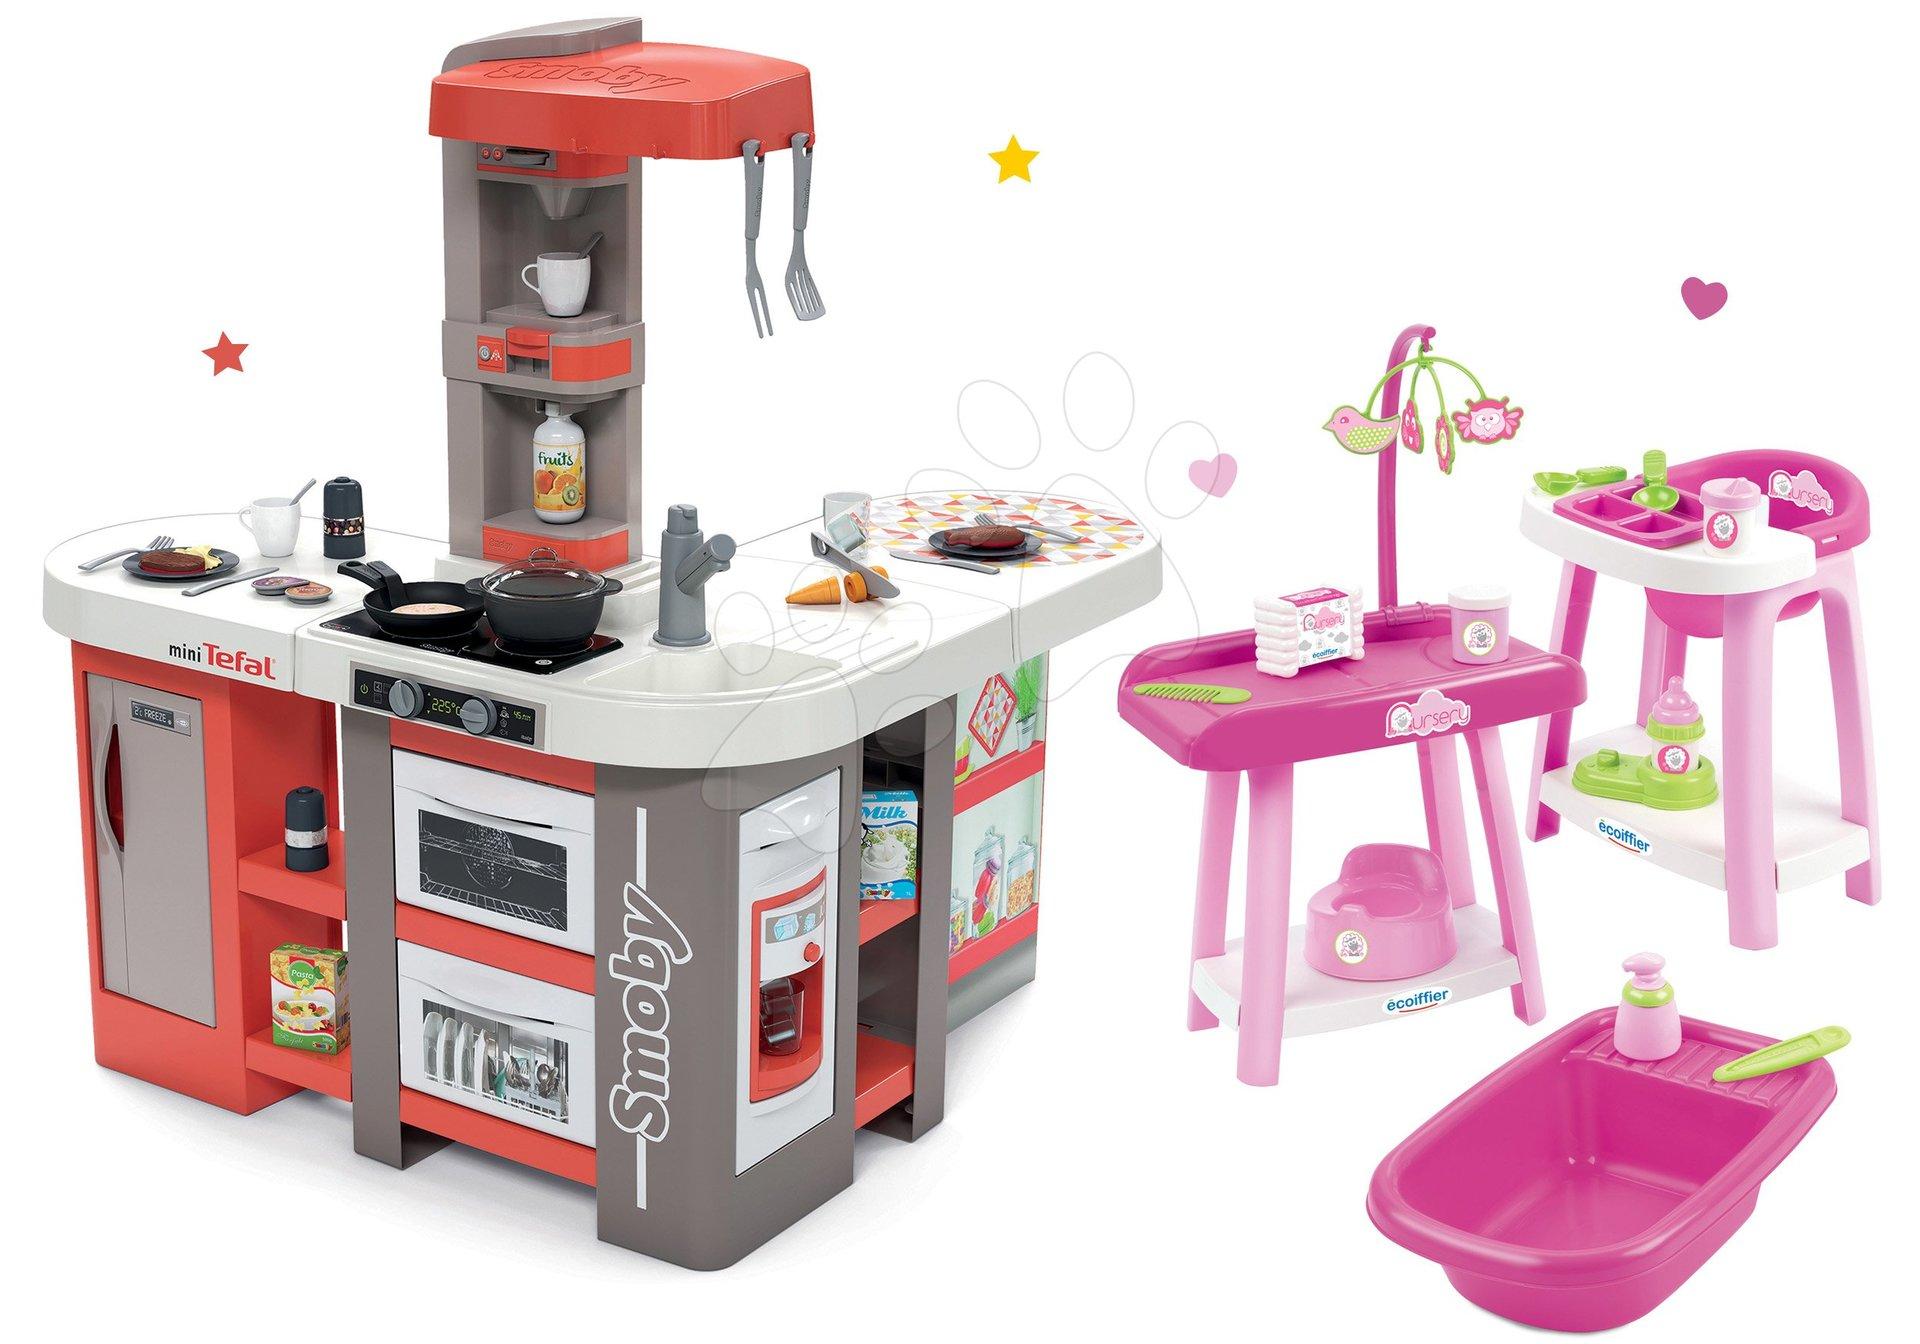 Set kuchyňka elektronická Tefal Studio 360° XXL Bubble Smoby mrkvová a přebalovací pult s židlí a vaničkou Nursery 3v1